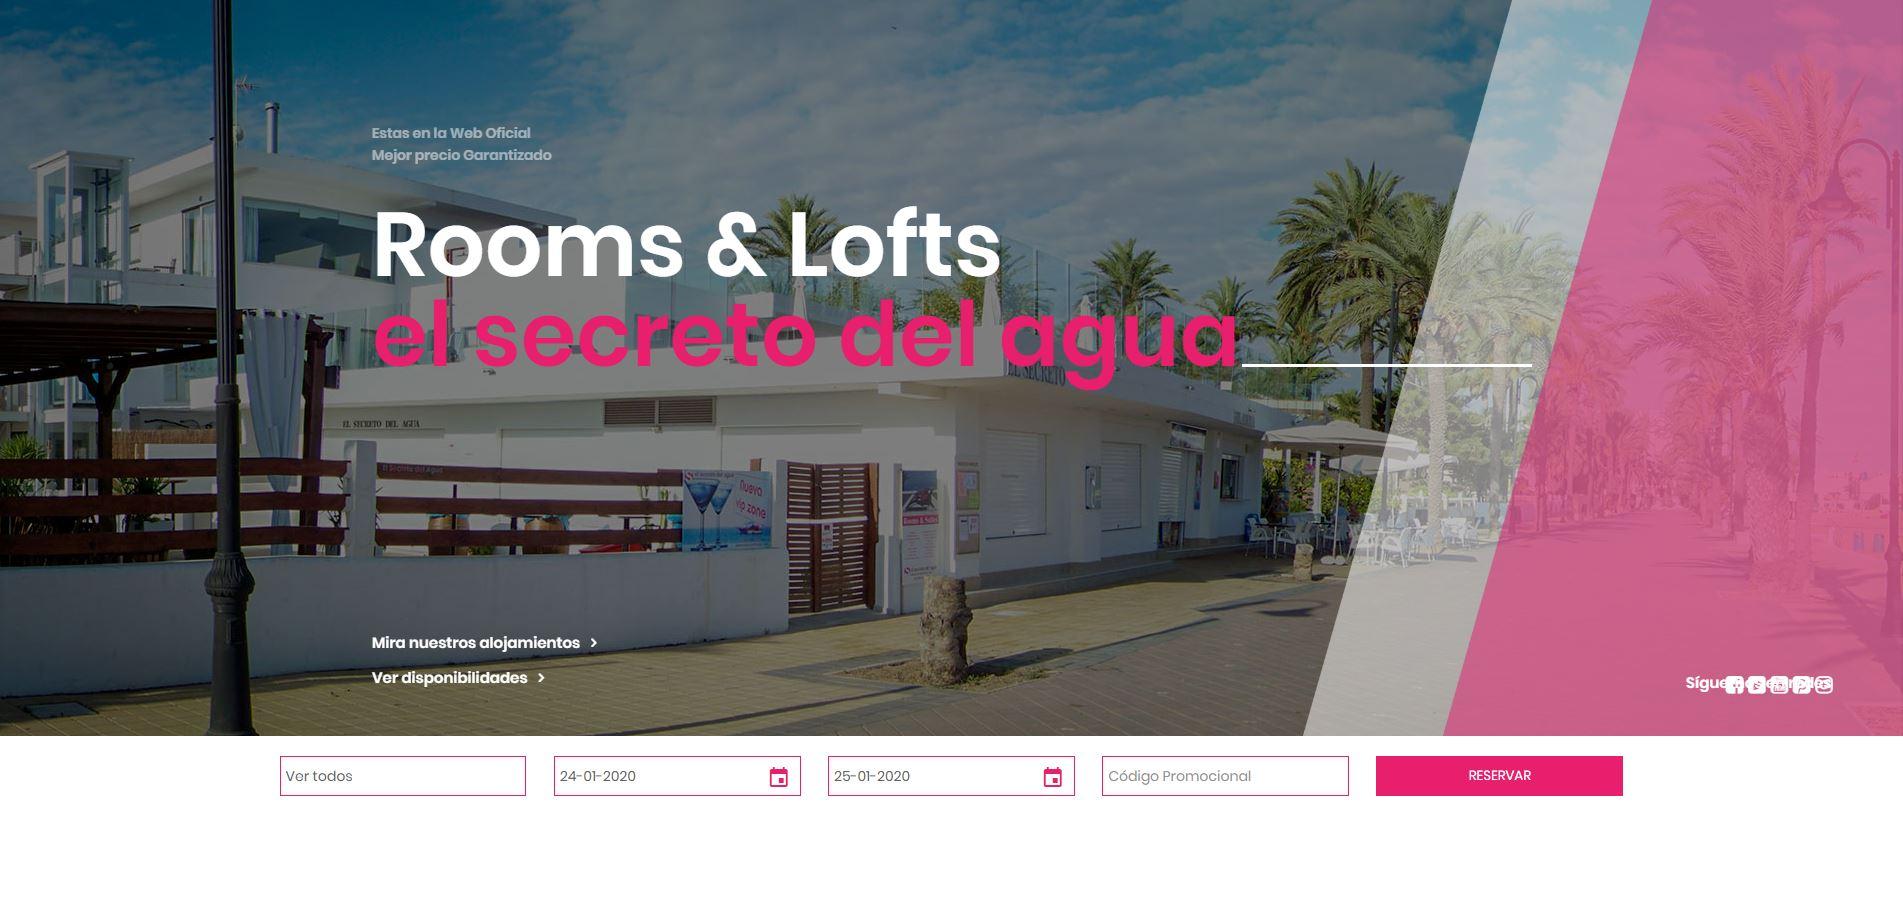 Ejemplo diseño web para hoteles - El secreto del agua